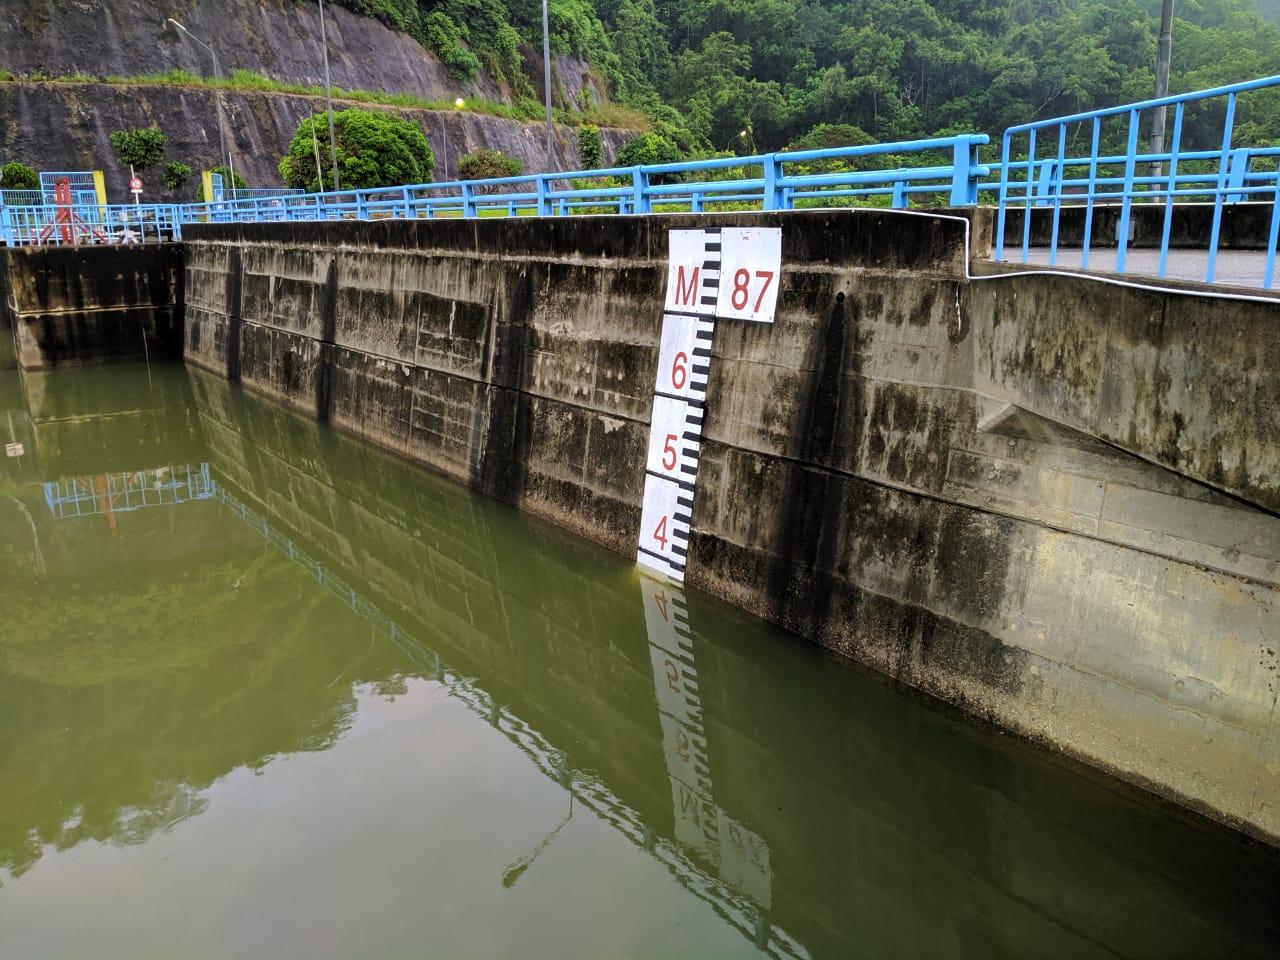 Air Naik Drastis, PLTA Naikkan Bukaan Pintu Hingga 1,5 meter Sore ini